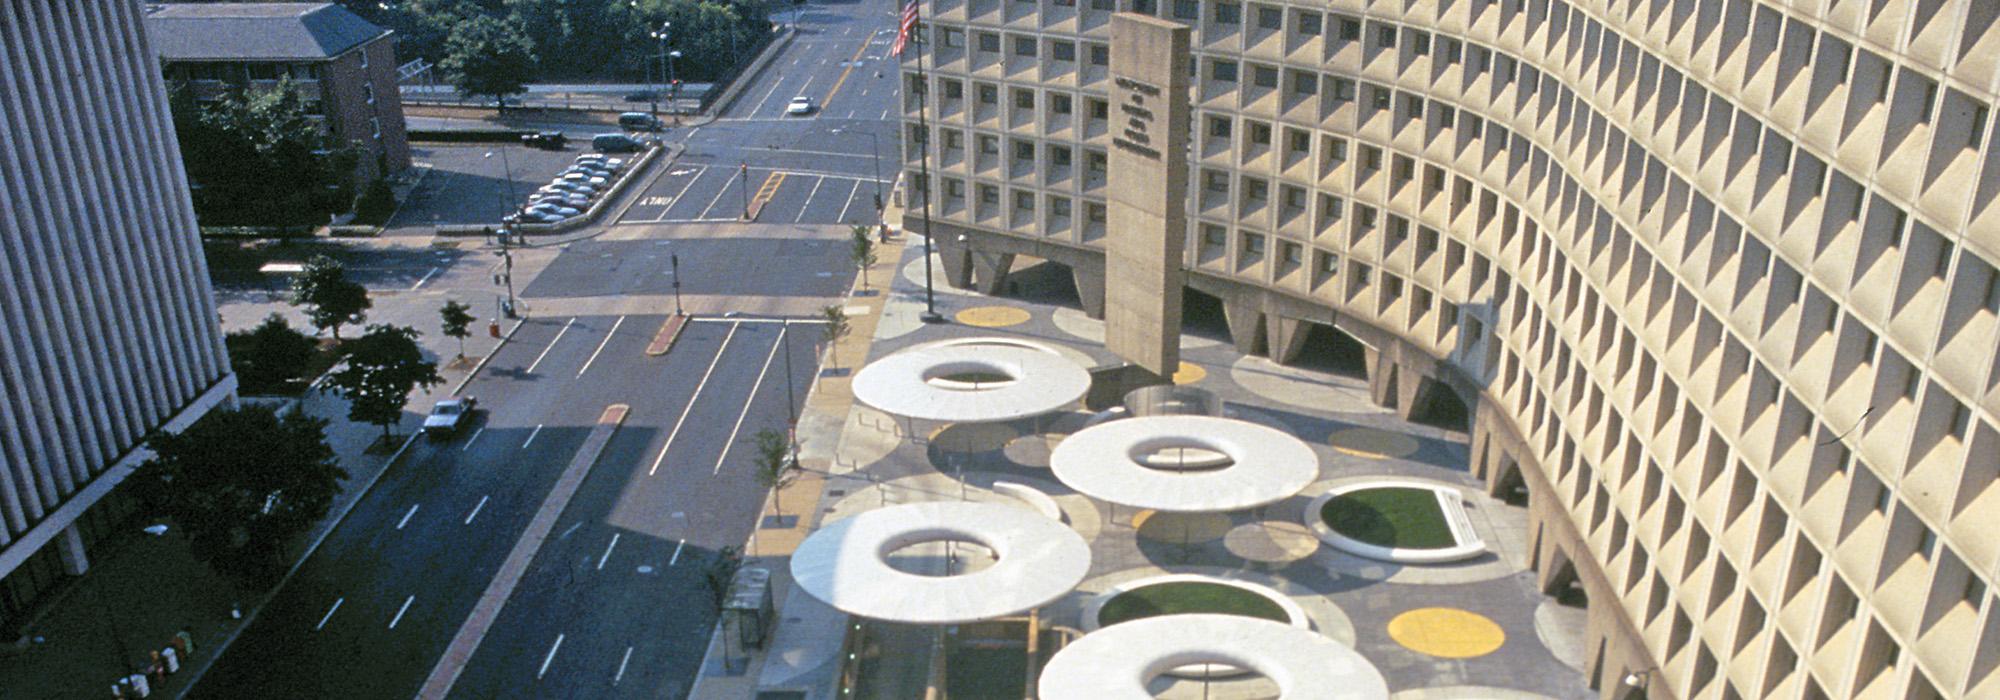 DC_Washington_HUD_courtesyMarthaSchwartz_012_Hero.jpg